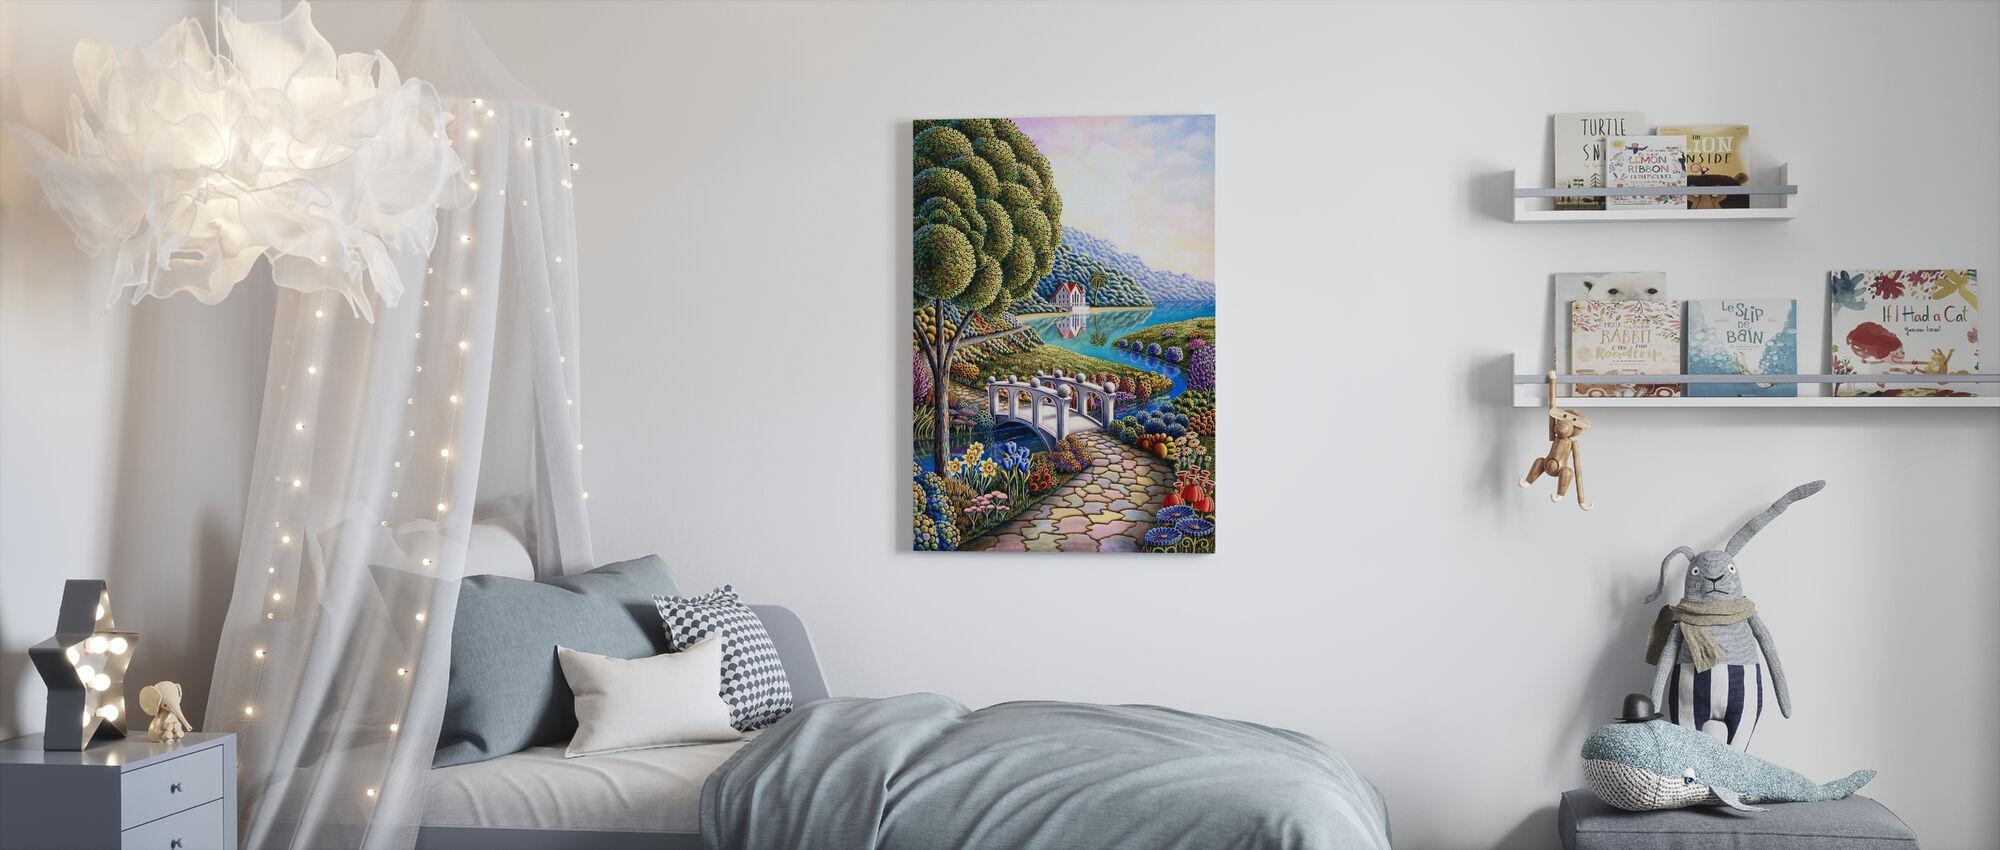 Påskliljor - Canvastavla - Barnrum